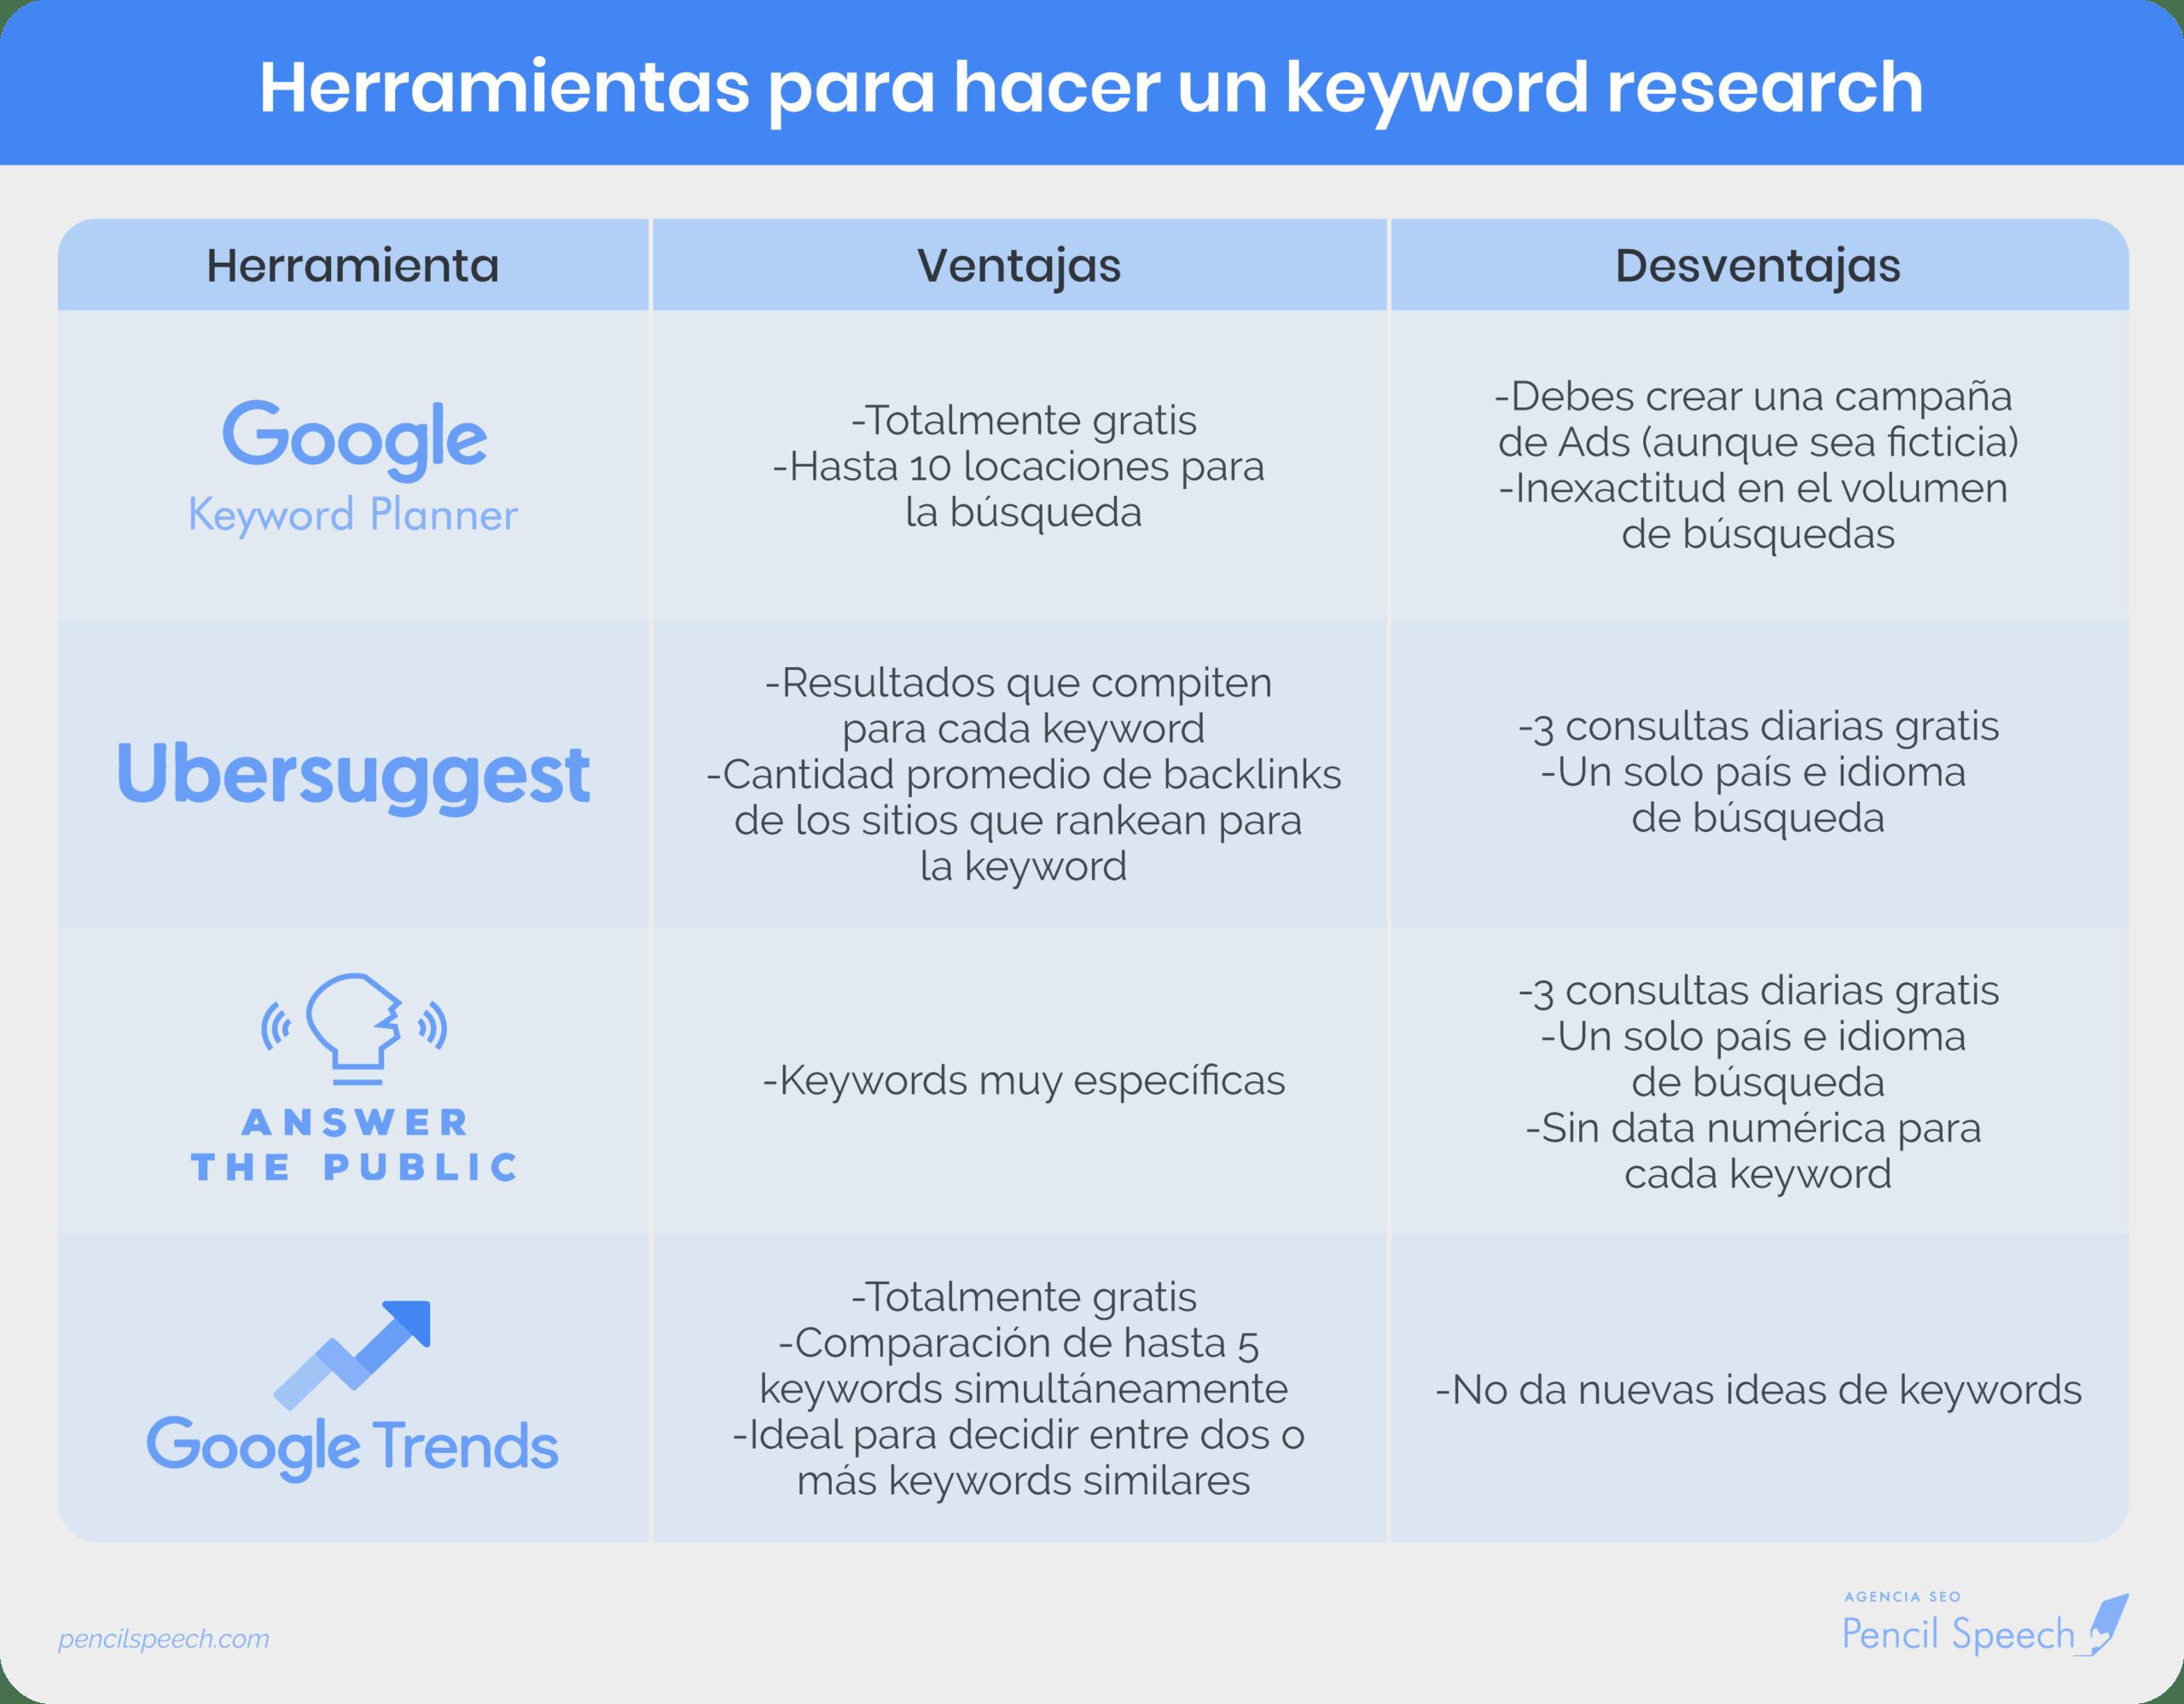 Herramientas para hacer keyword research (Tabla comparativa)